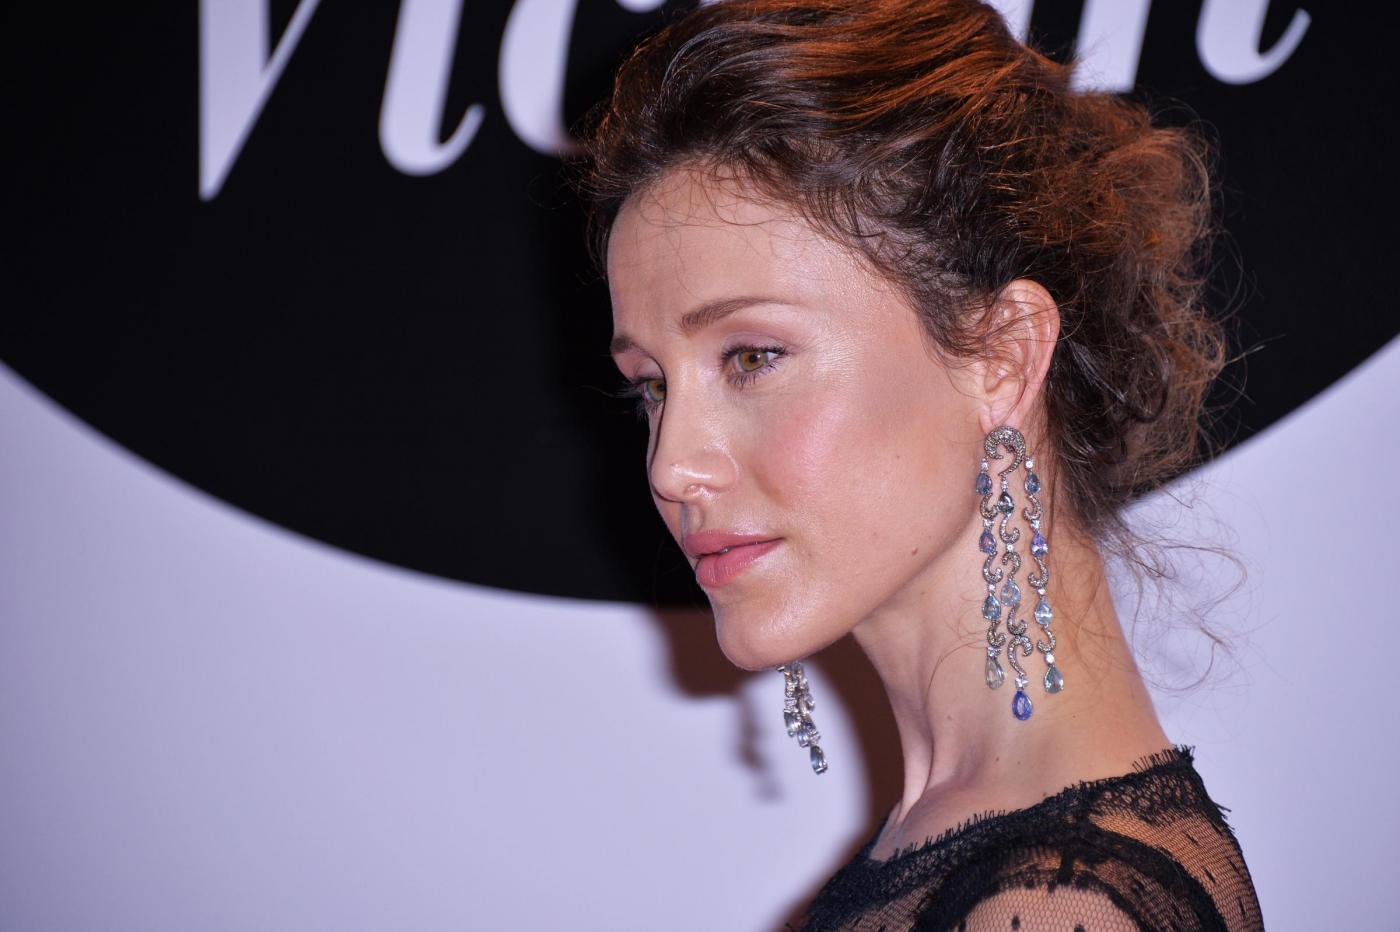 Gabriella Pession sposa Richard Flood, il matrimonio a settembre